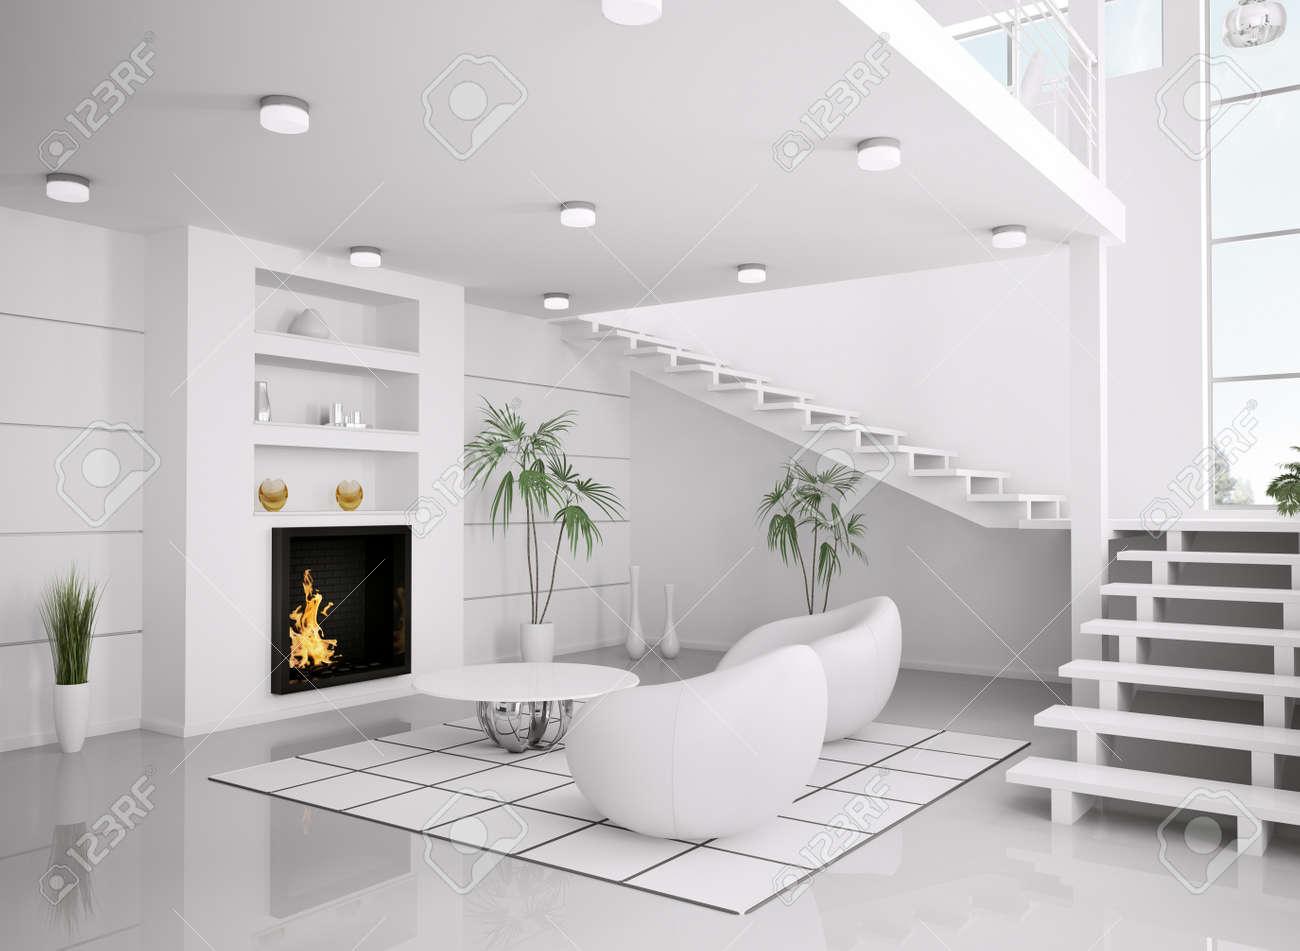 modern white interior aus wohnzimmer mit kamin und treppe 3d